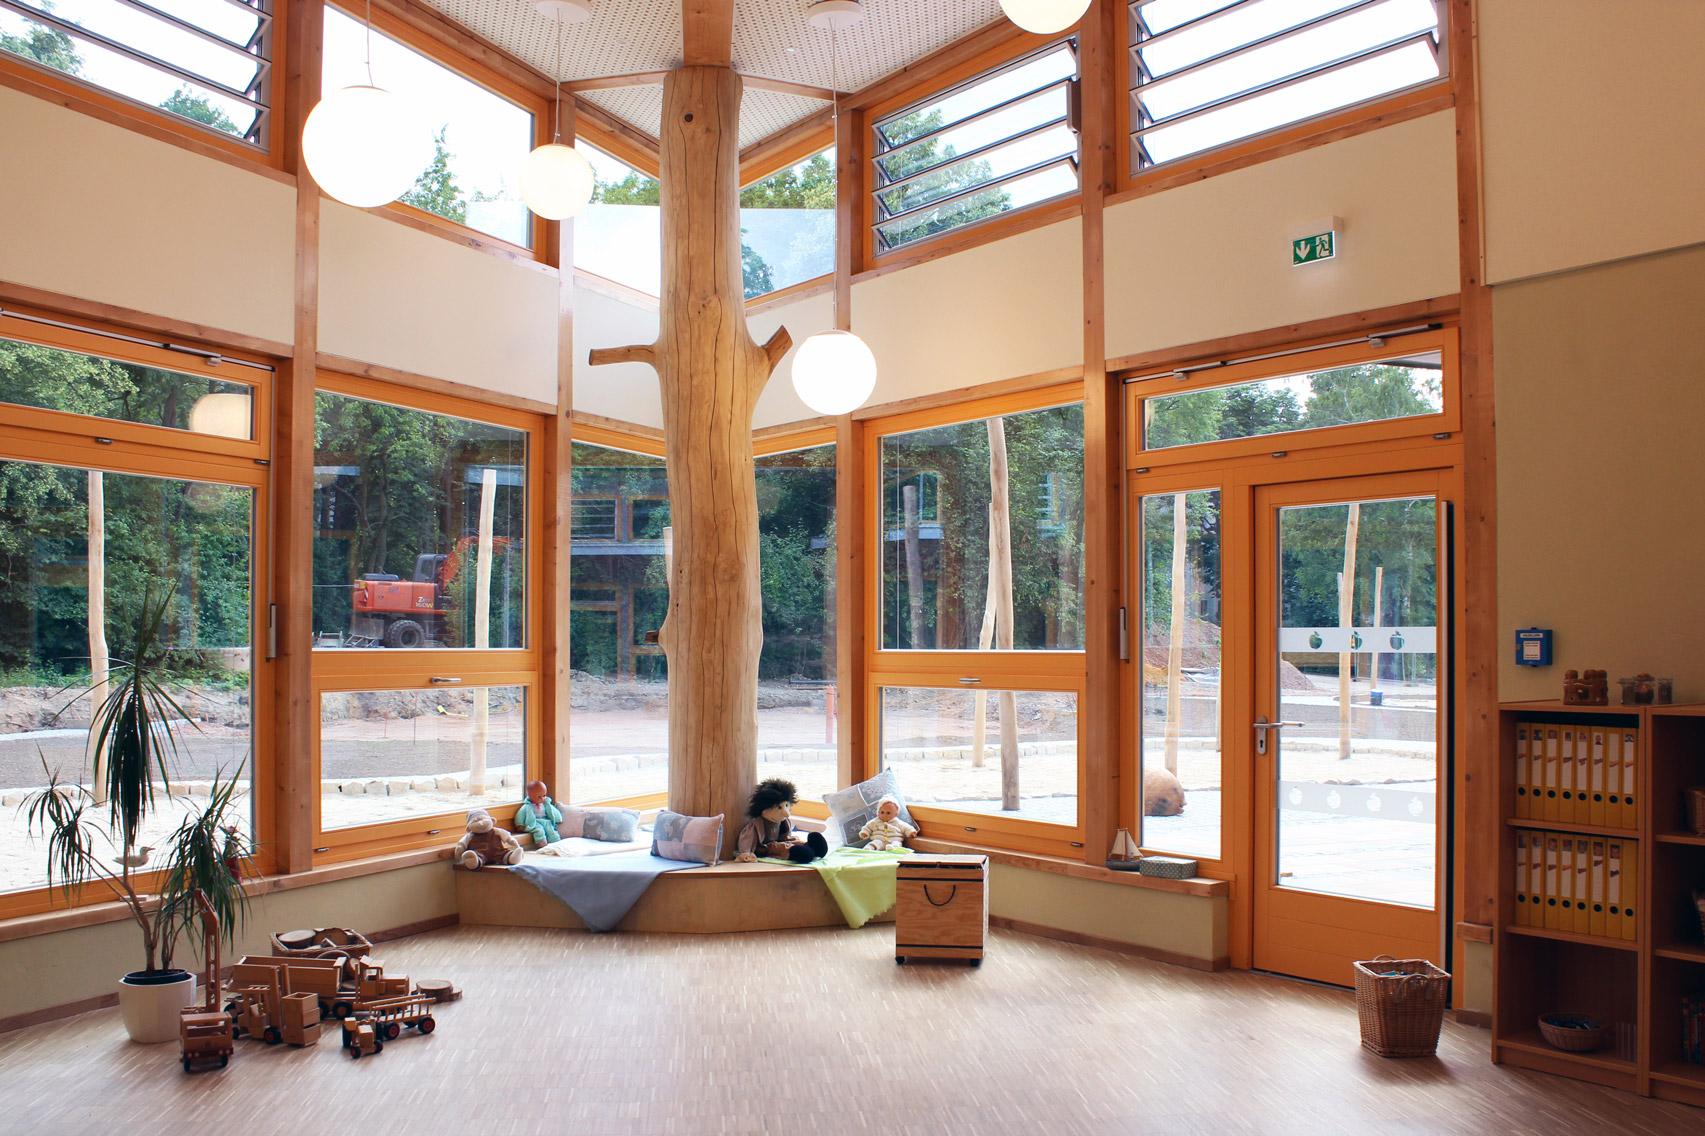 Foto Spielecke Holz mit Baumstamm gefertigt von der Holzwerkstatt Trommer